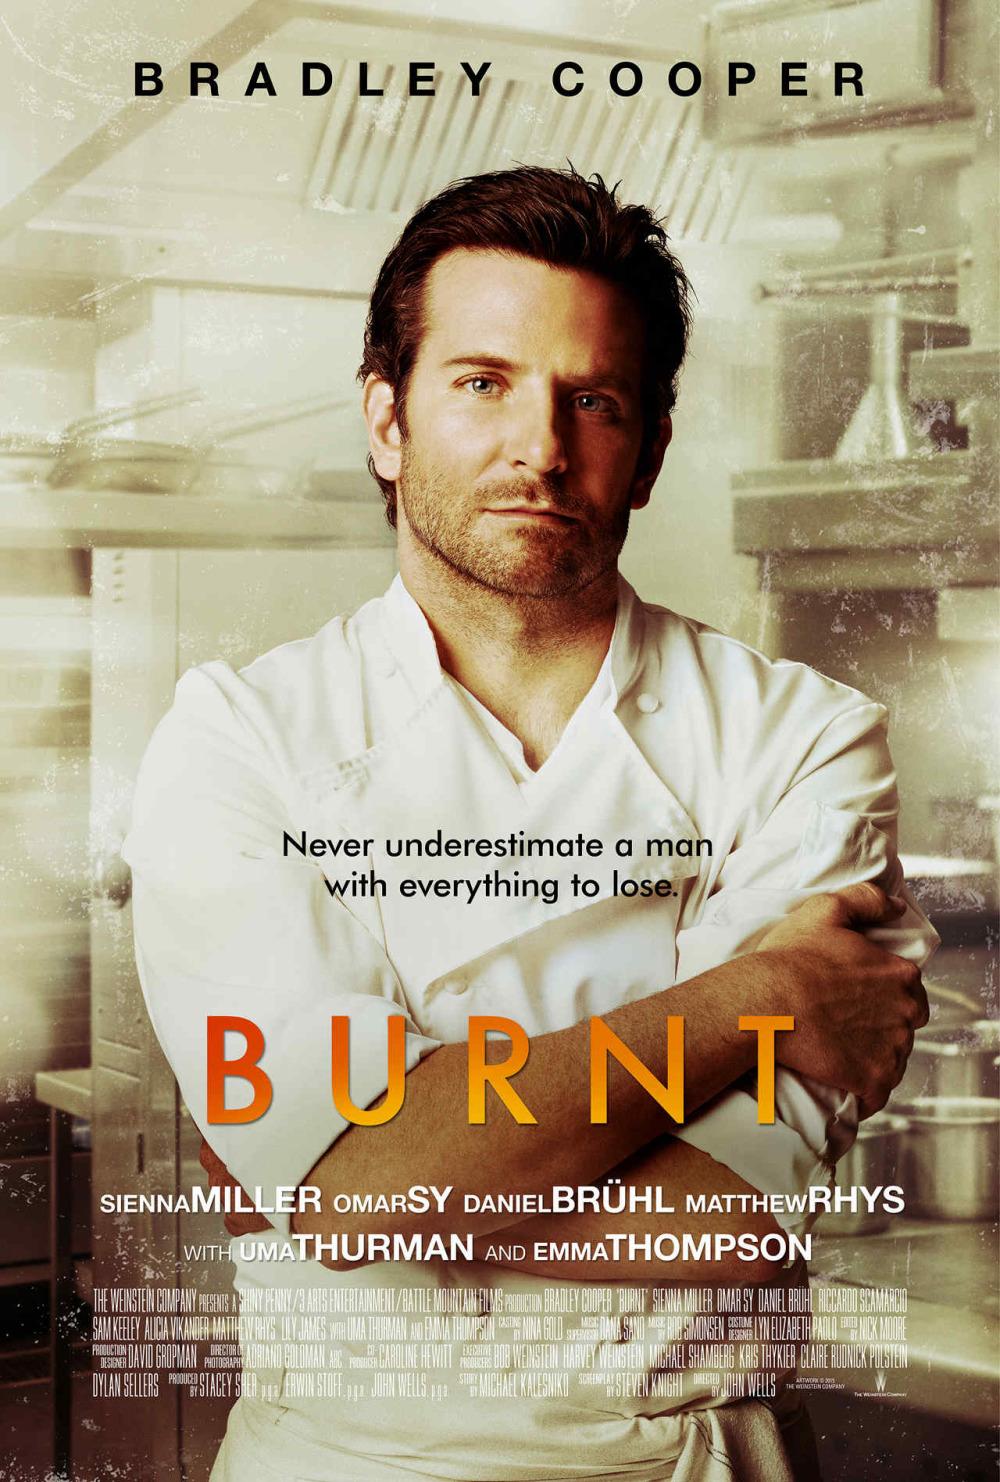 Coole kok Bradley Cooper in nieuwe trailer 'Burnt'